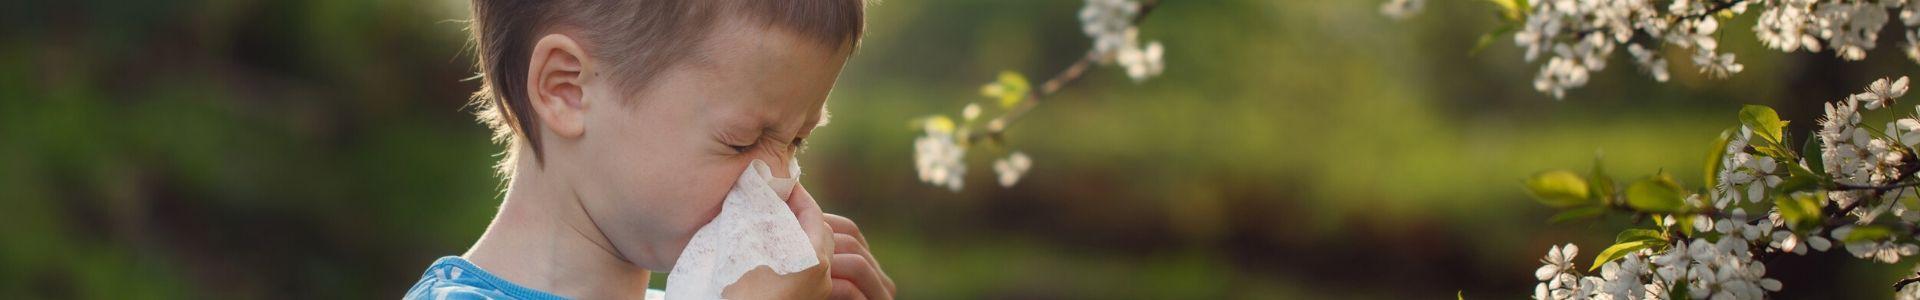 Allergiemittel Kinder Nebenwirkungen